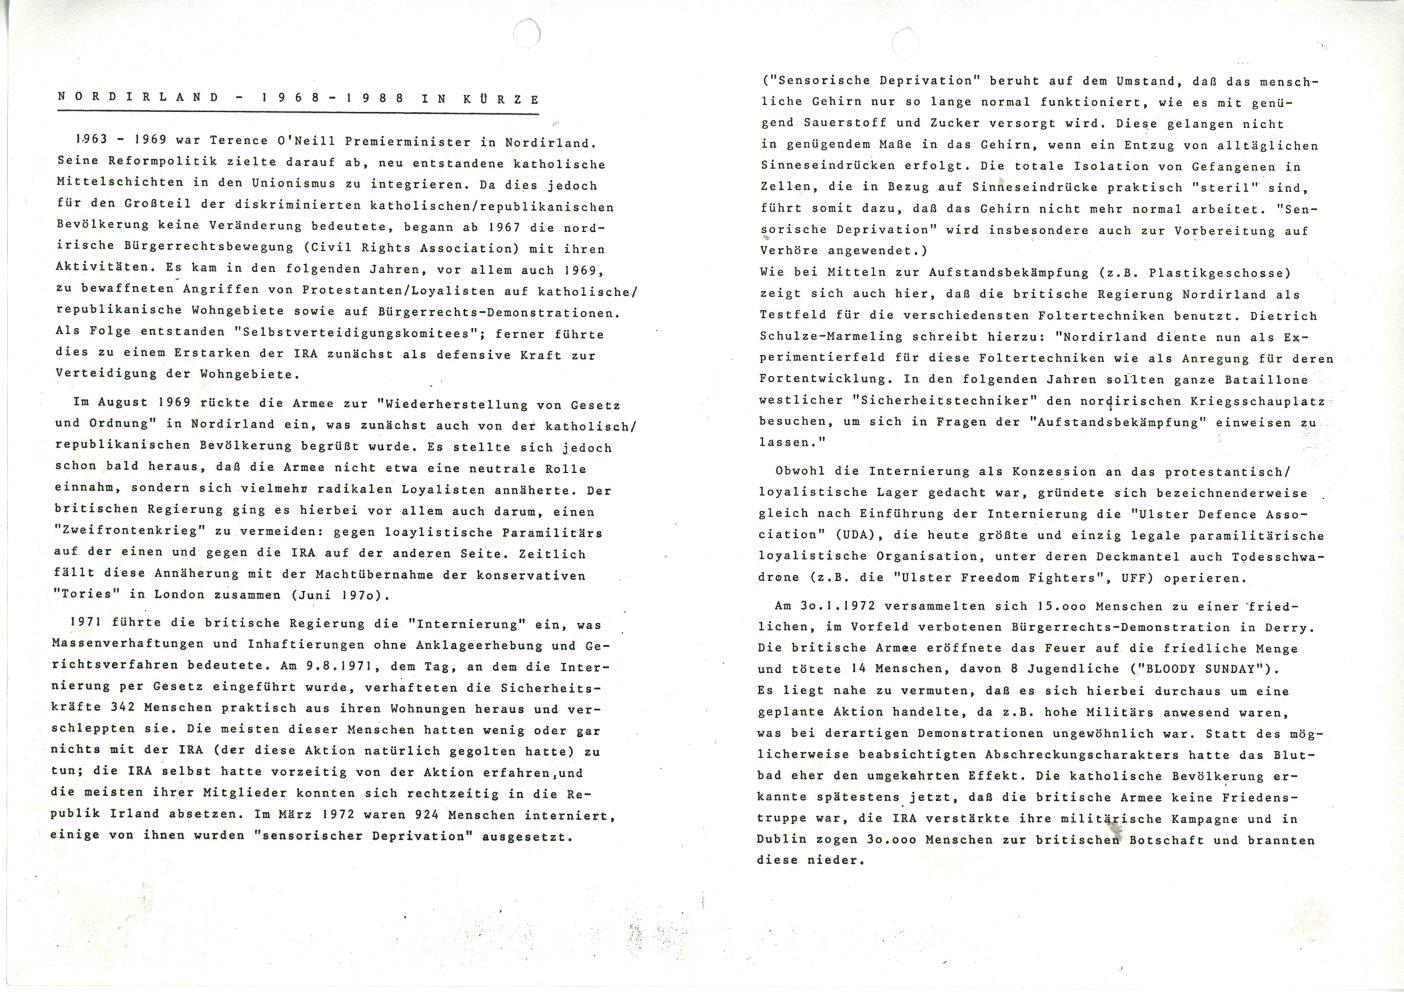 Freiburg_Nordirland_Reader_1988_06